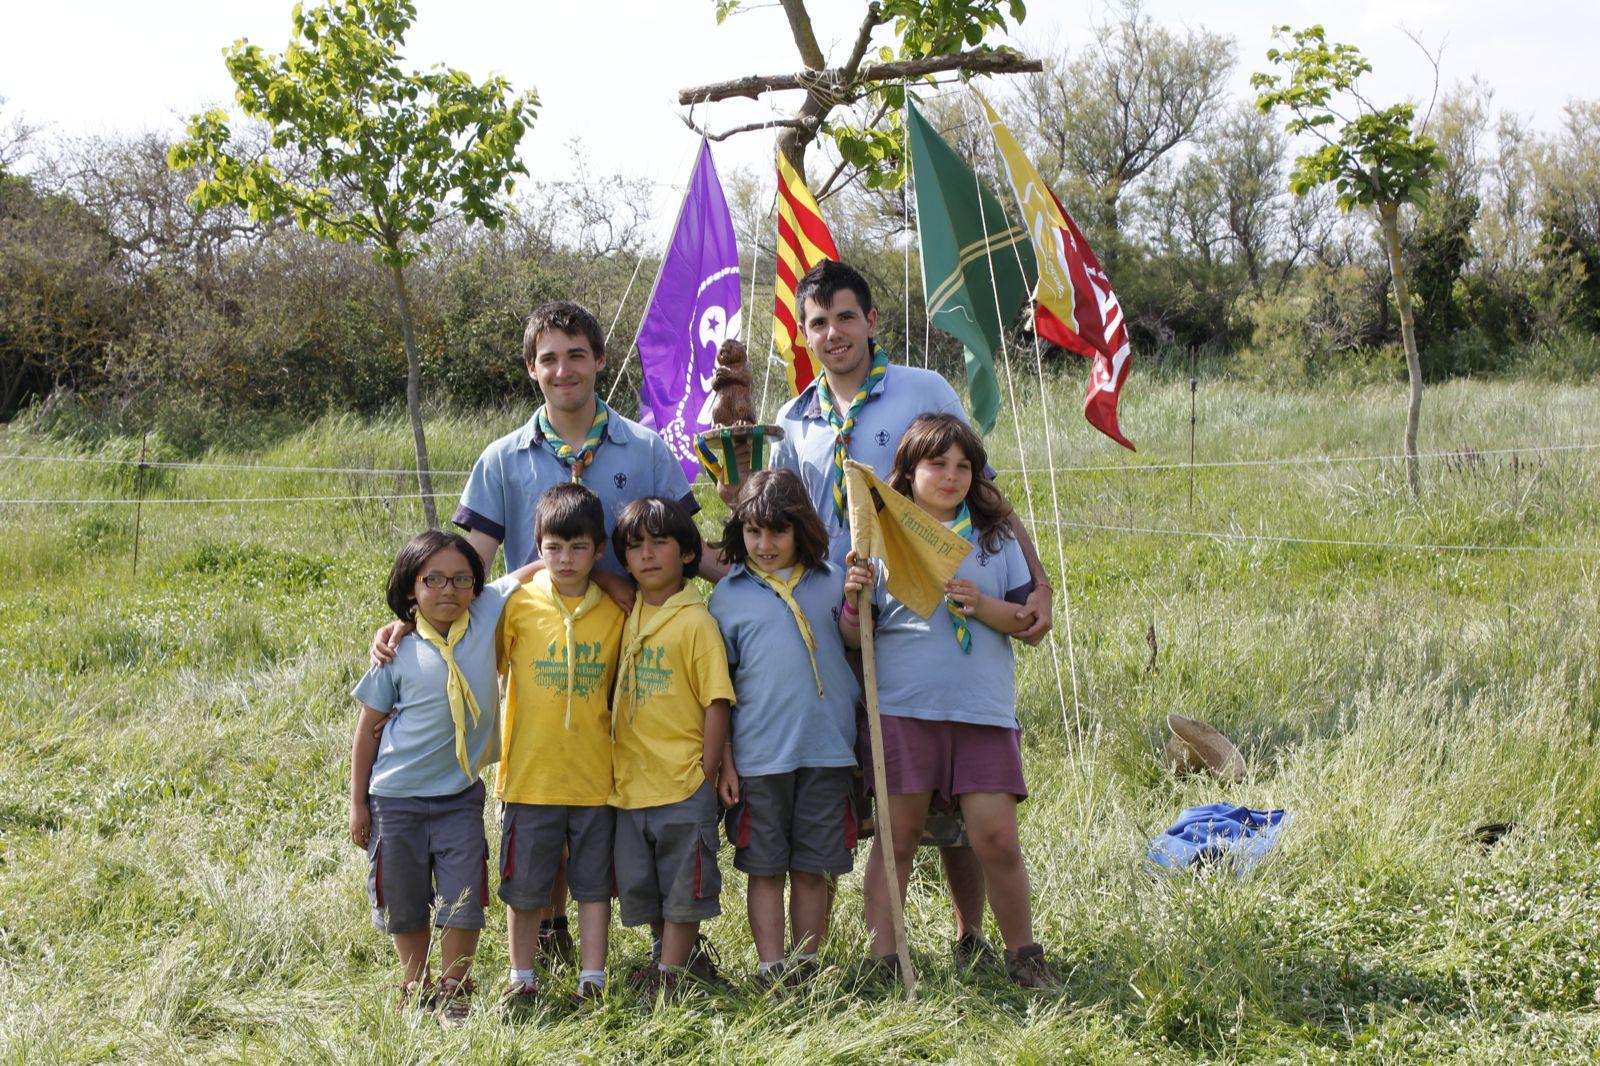 Campaments de Primavera de tot lAgrupament 2011 - _MG_3375.JPG